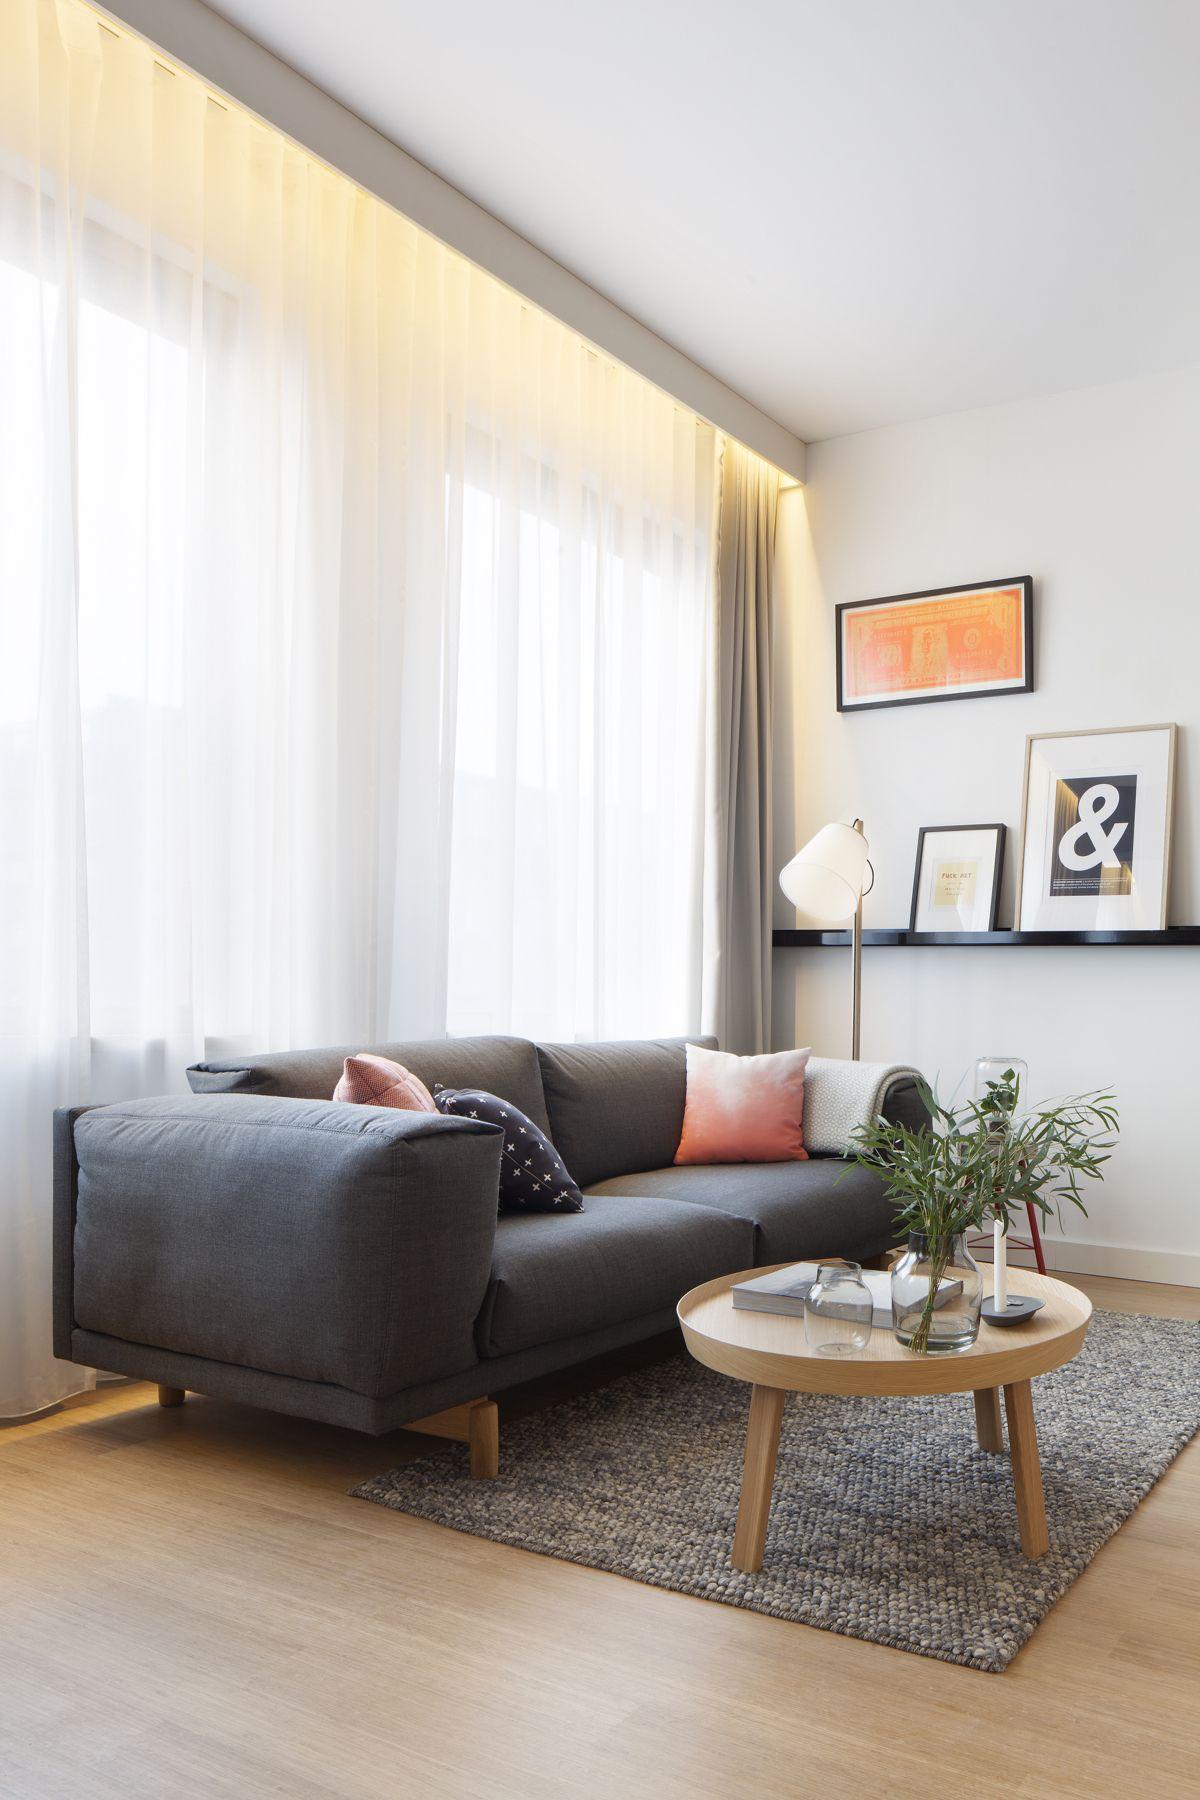 Innenarchitektur wohnzimmer für kleine wohnung  hotel brands revolutionizing the hospitality market  fensterdeko